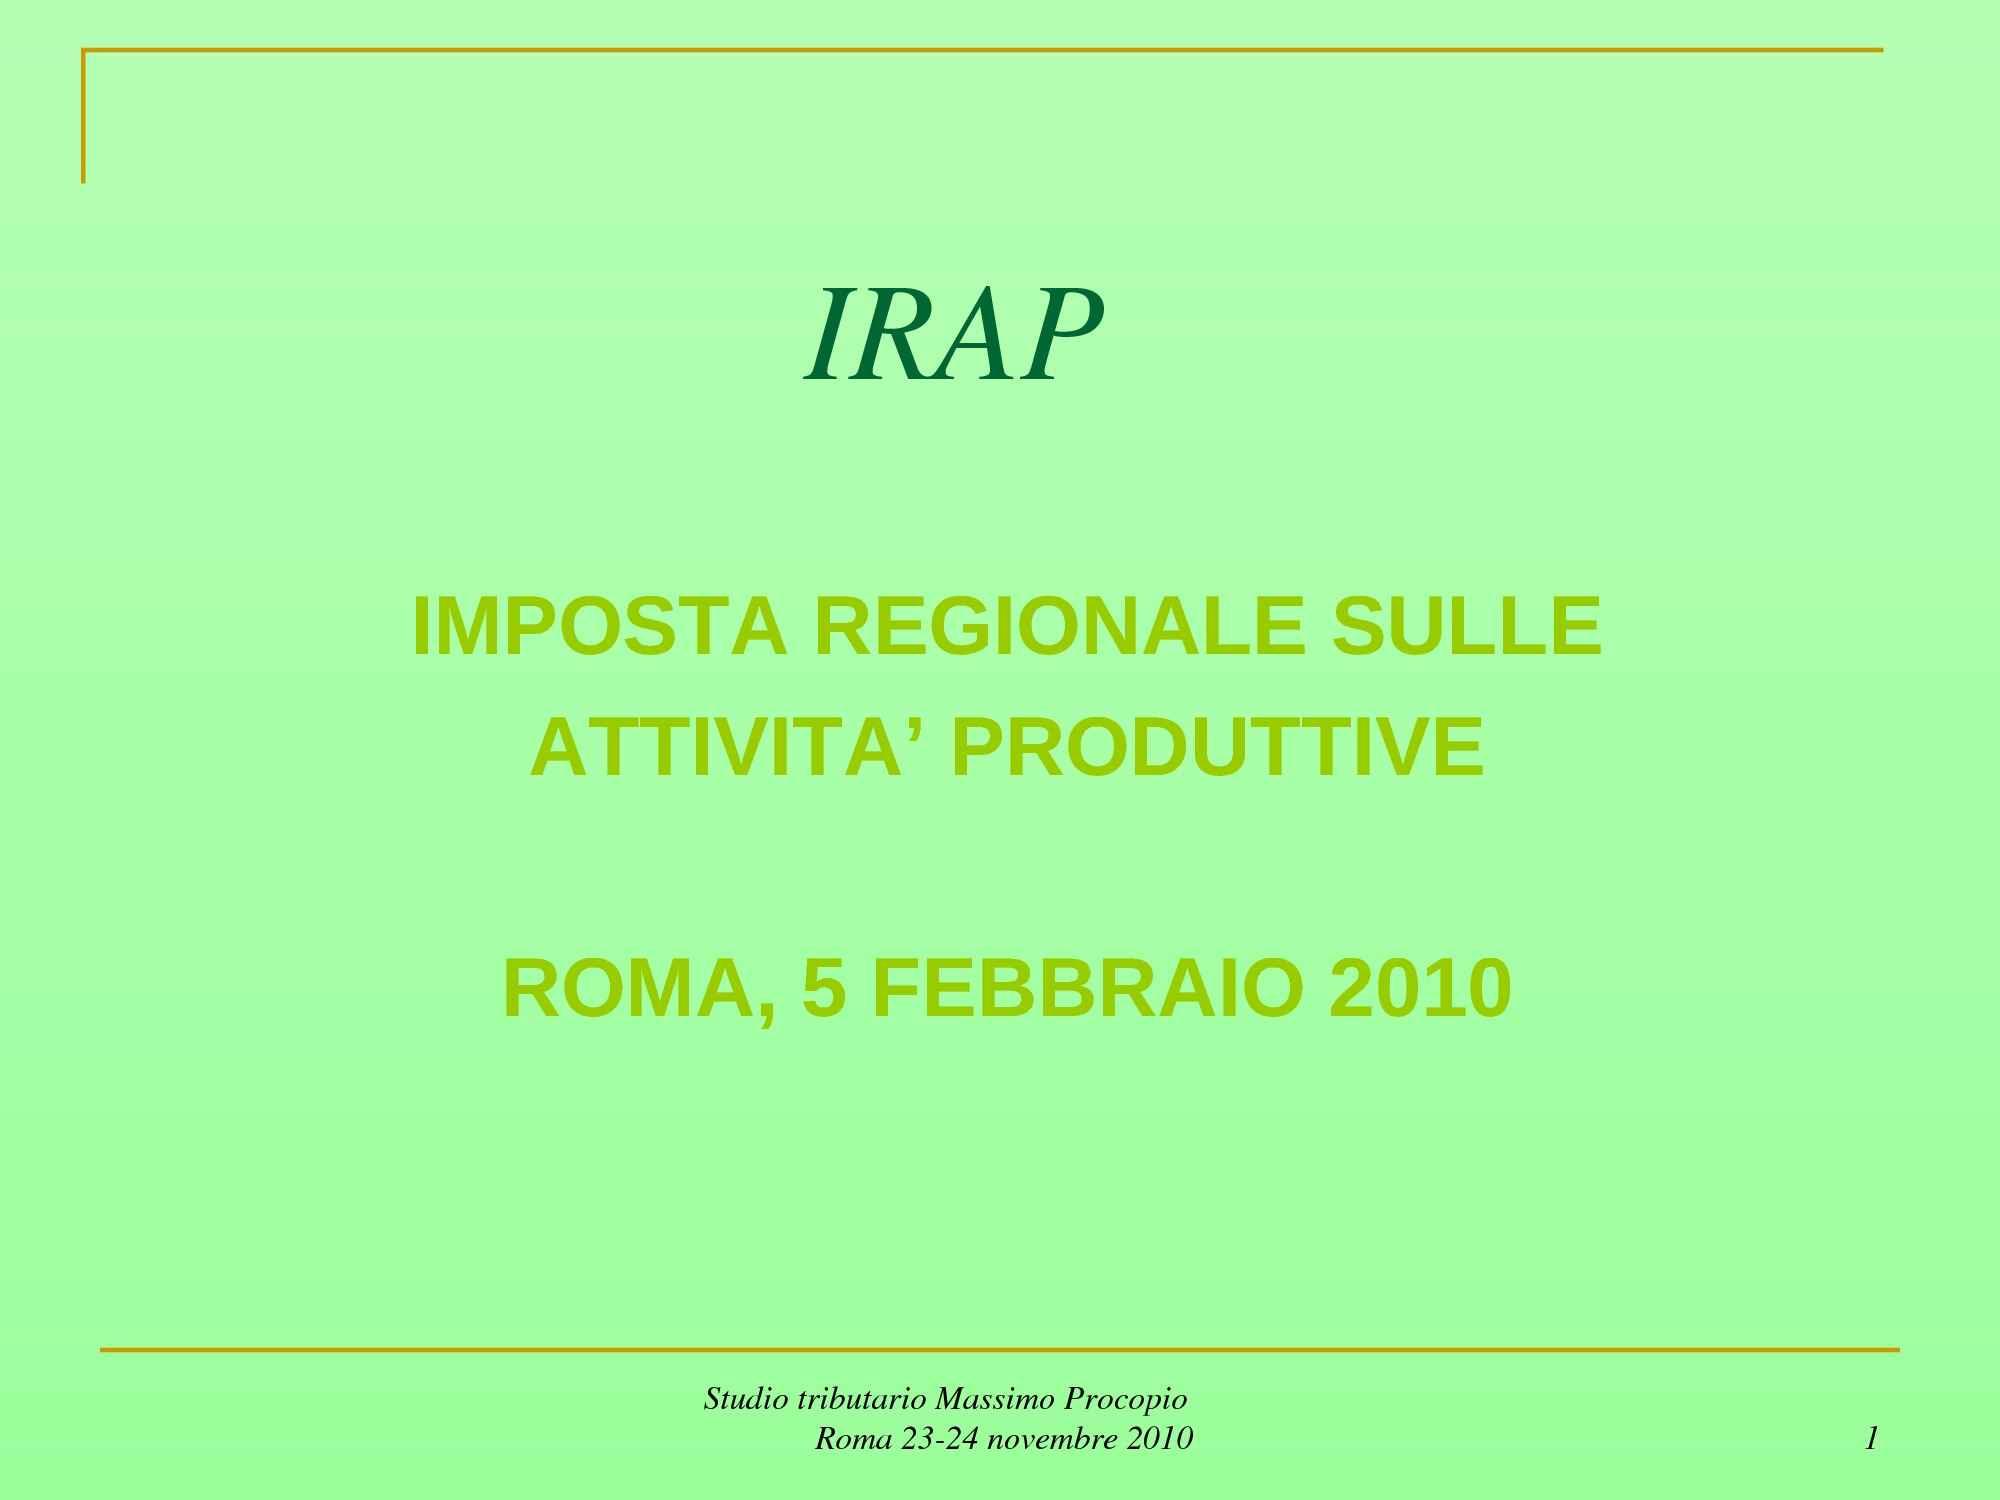 Imposta regionale attività produttive (Irap)